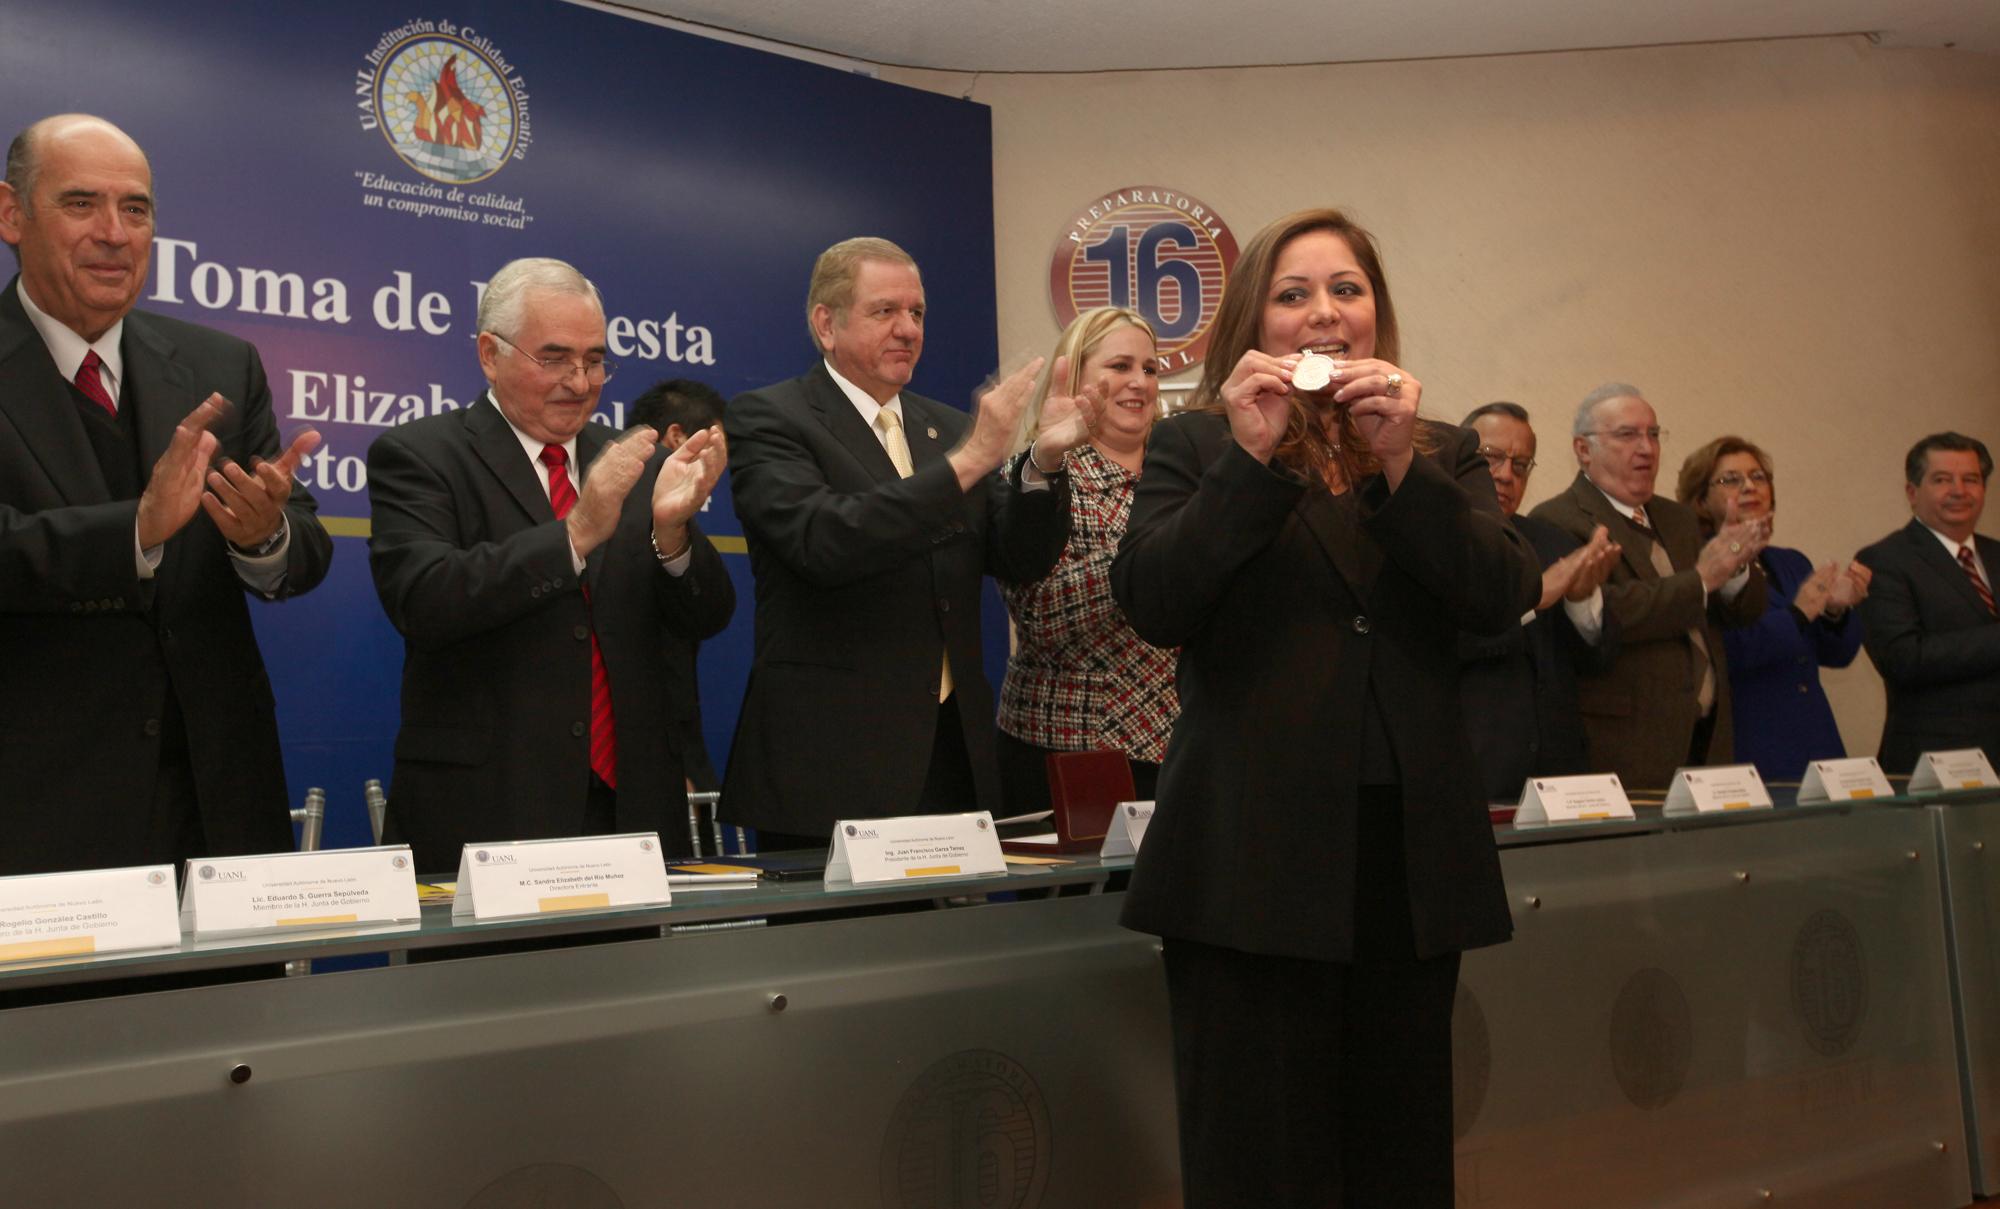 Toma de protesta de Sandra Elizabeth del Río como Directora de la Preparatoria 16